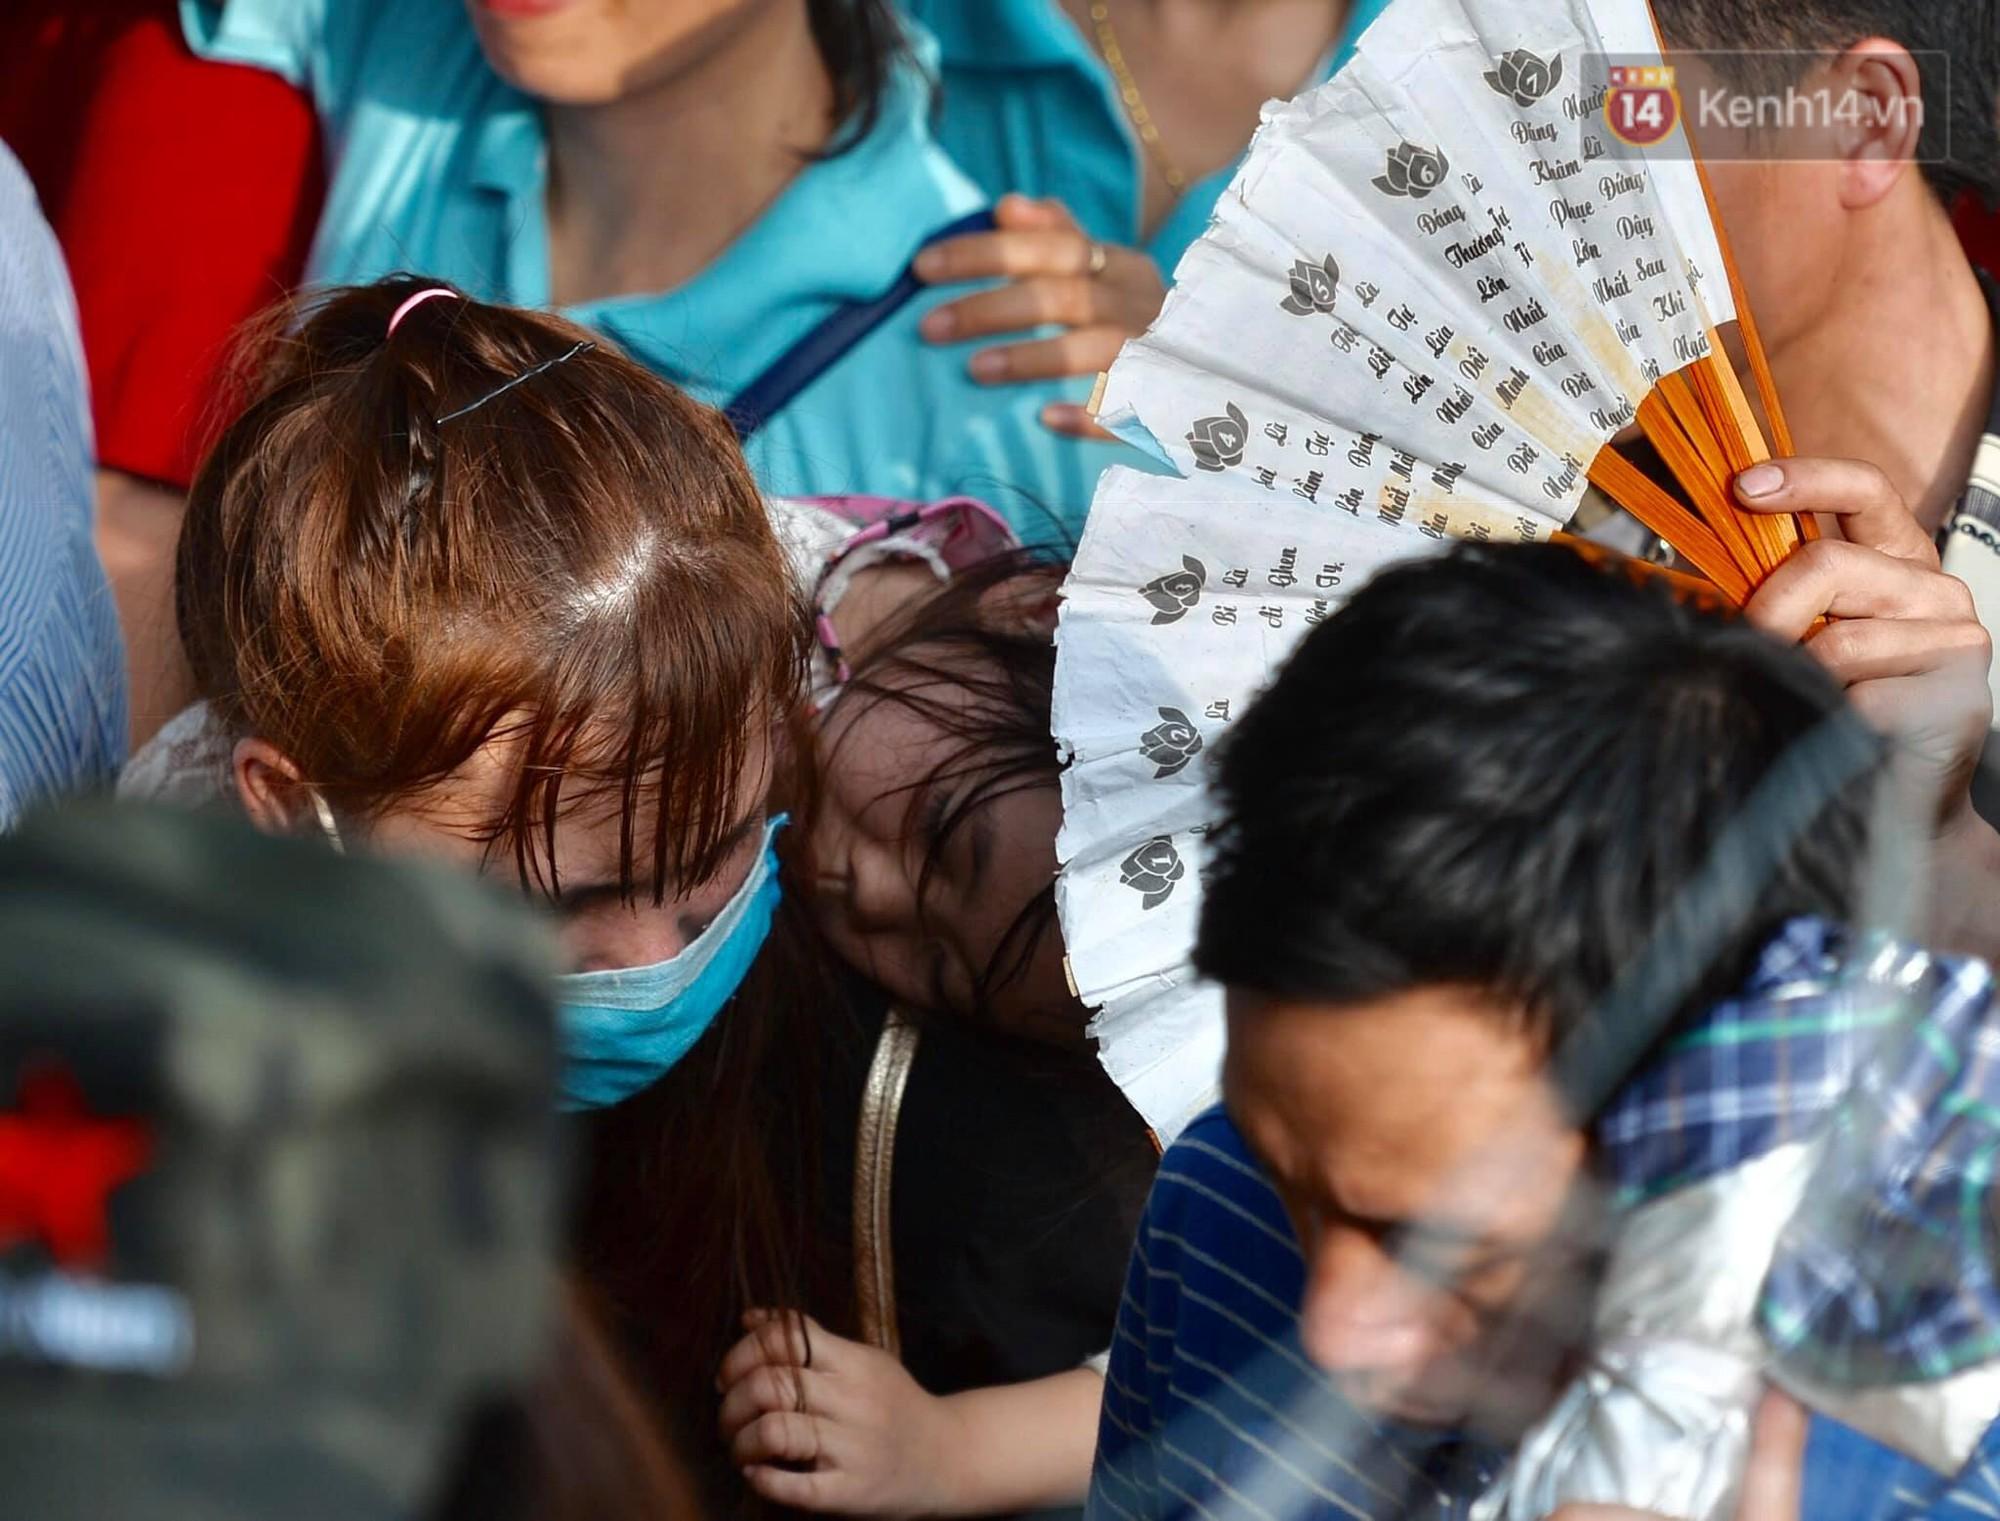 Ảnh: Mệt mỏi vì chen lấn giữa hàng vạn người dù chưa khai hội chùa Hương, nhiều em nhỏ ngủ gục trên vai mẹ-5